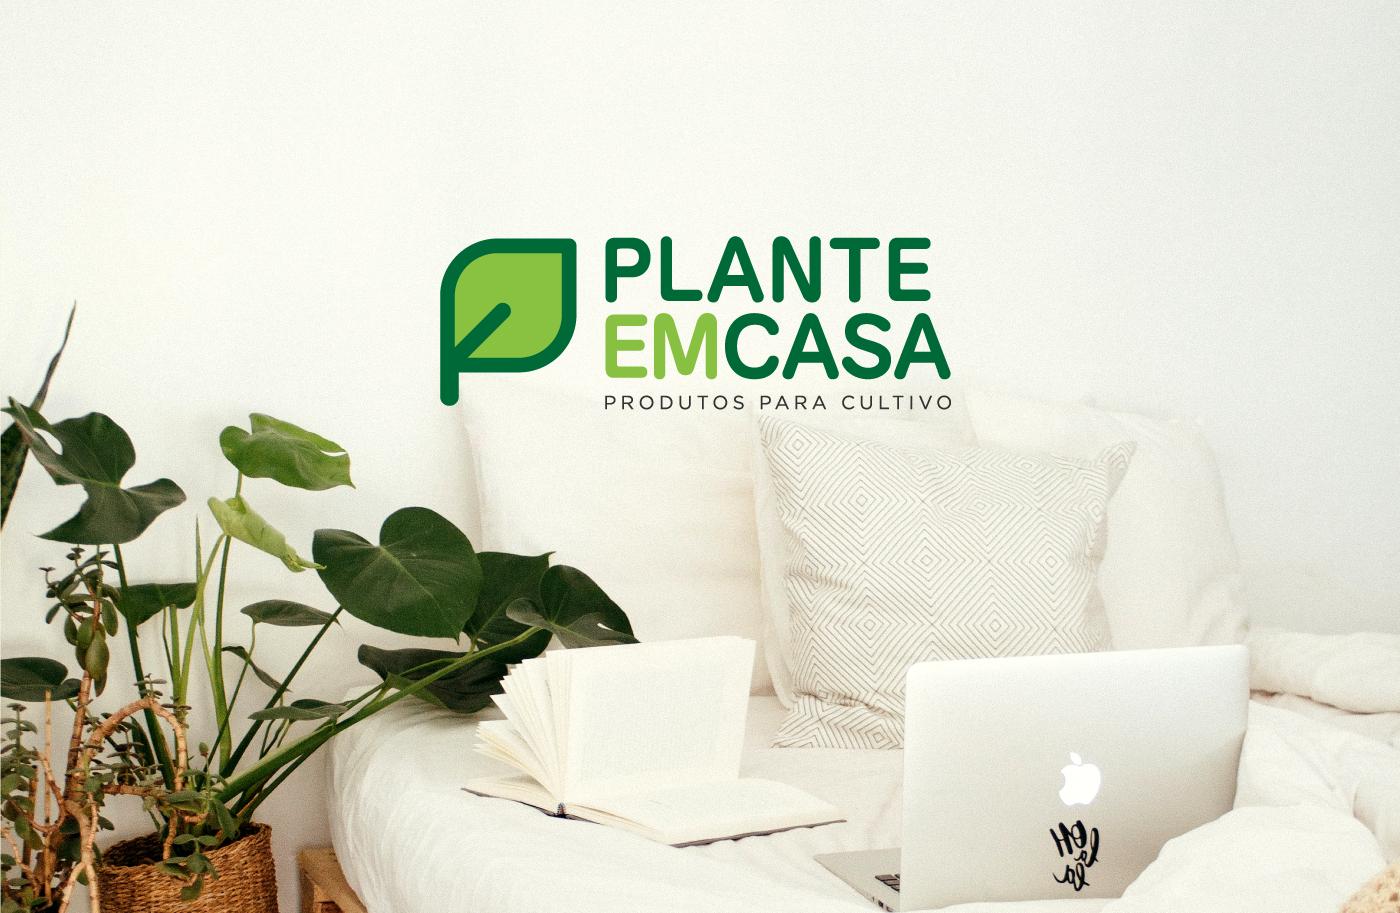 Plante em casa - Plante em Casa